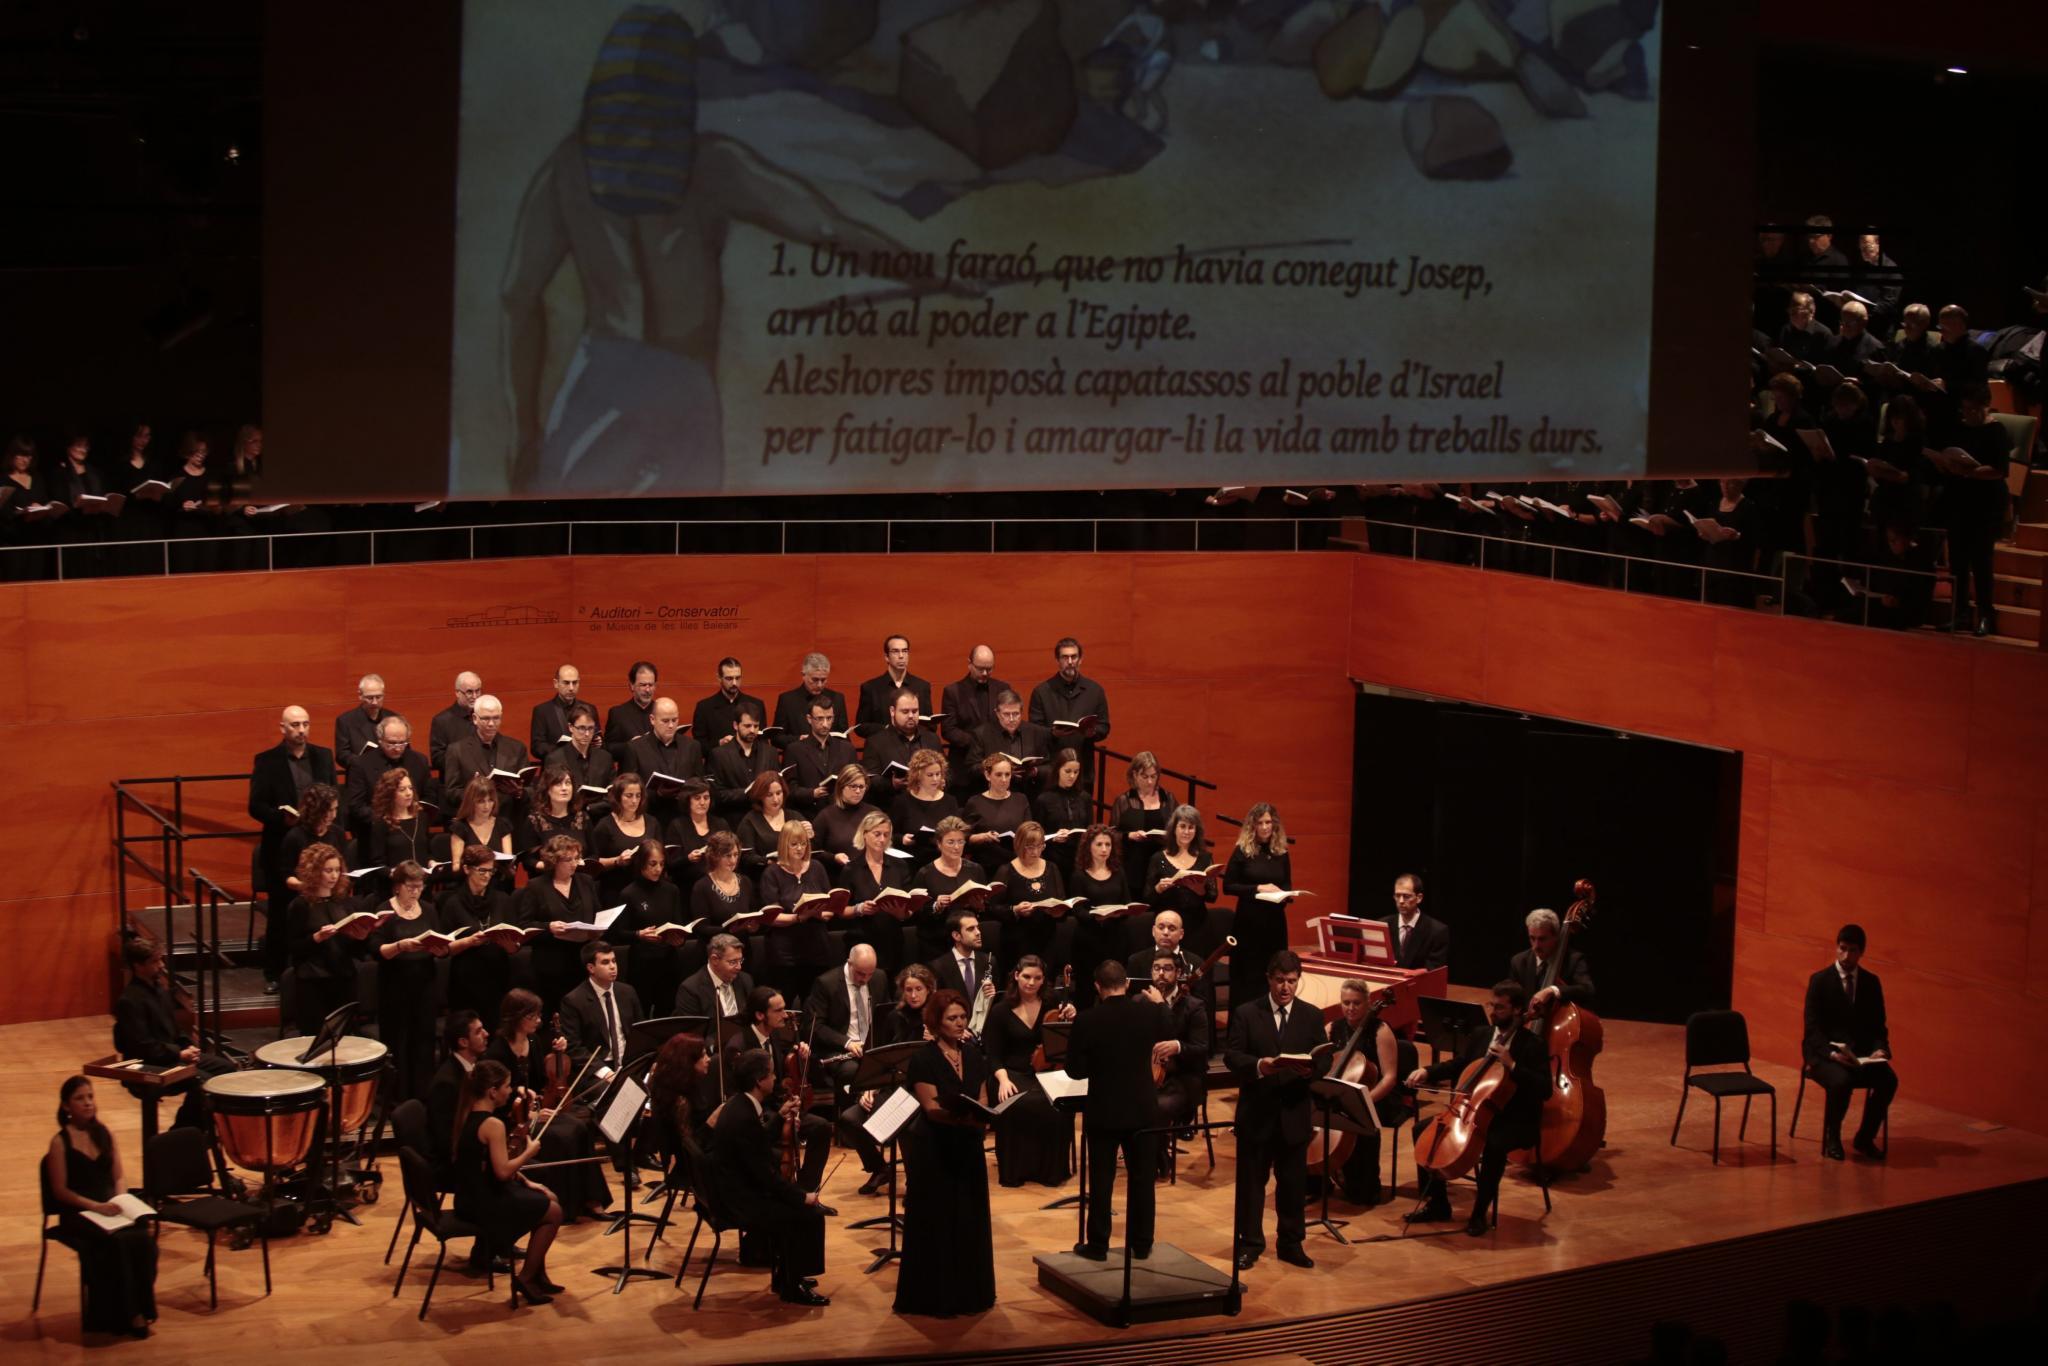 ejecución del oratorio ¿ Israel a Egipto¿, de G. F. Haendel, por la Orquesta y Cor Acadèmia 1830